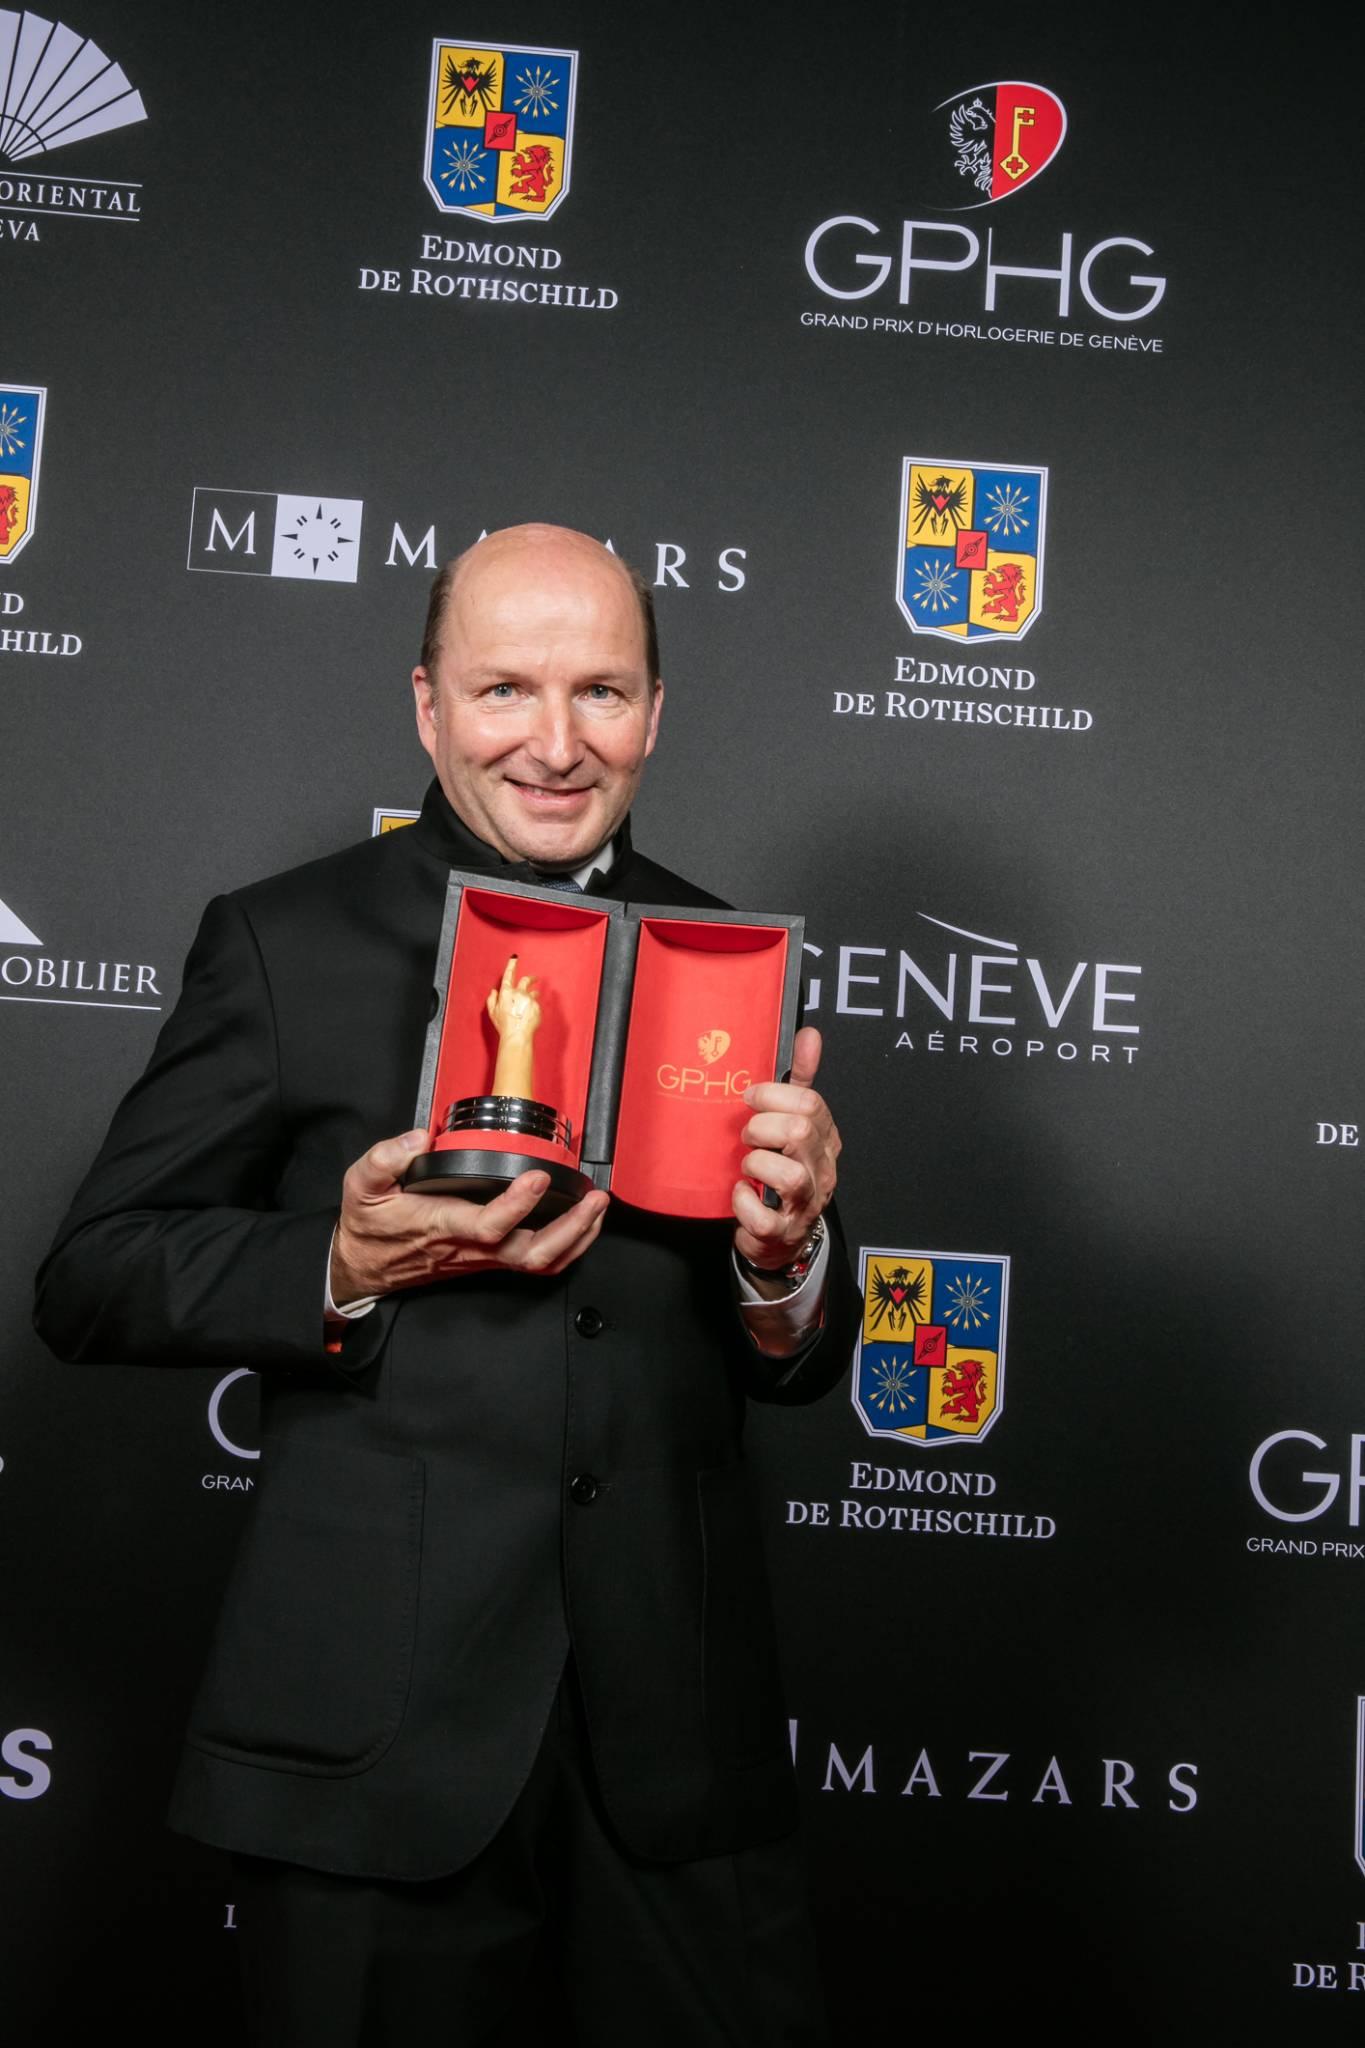 Kari Voutilainen (Fondateur de Voutilainen, marque lauréate du Prix de la Montre Homme 2015)